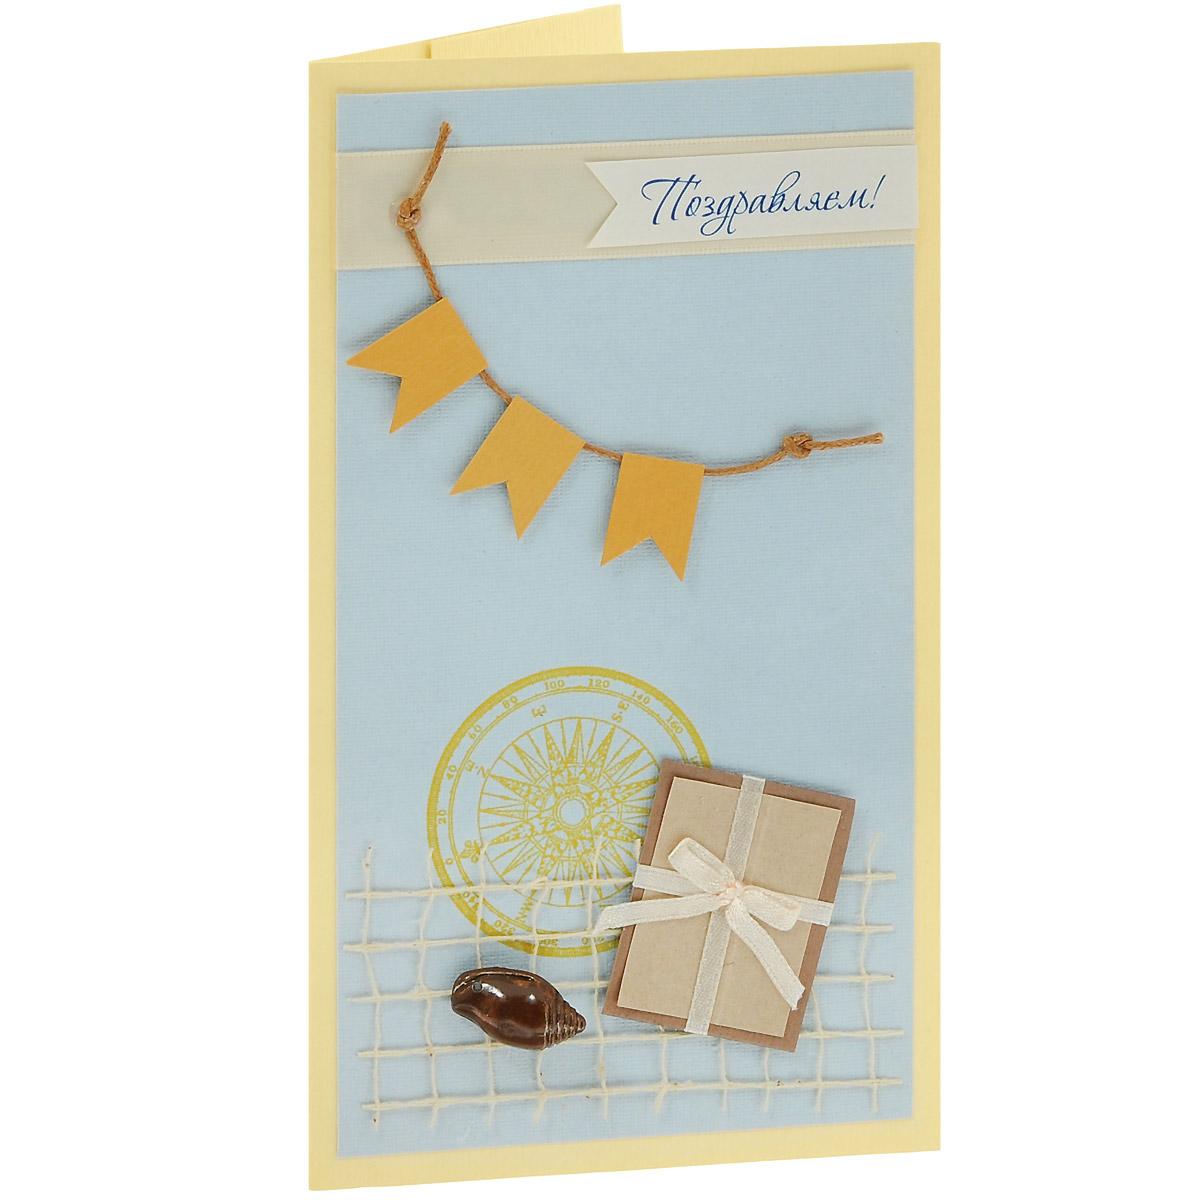 ОМ-0007 Открытка-конверт «Поздравляю!» Студия «Тётя Роза»1516.4000.16 PurpleХарактеристики: Размер 19 см x 11 см.Материал: Высоко-художественный картон, бумага, декор. Данная открытка может стать как прекрасным дополнением к вашему подарку, так и самостоятельным подарком. Так как открытка является и конвертом, в который вы можете вложить ваш денежный подарок или просто написать ваши пожелания на вкладыше. Серо-бежевая открытка, легкаяи сдержанная. В дизайне использованы атласные ленты и сетка, вощеный шнур, пуговицы и ракушки. Также открытка упакована в пакетик для сохранности.Обращаем Ваше внимание на то, что открытка может незначительно отличаться от представленной на фото.Открытки ручной работы от студии Тётя Роза отличаются своим неповторимым и ярким стилем. Каждая уникальна и выполнена вручную мастерами студии. (Открытка для мужчин, открытка для женщины, открытка на день рождения, открытка с днем свадьбы, открытка винтаж, открытка с юбилеем, открытка на все случаи, скрапбукинг)